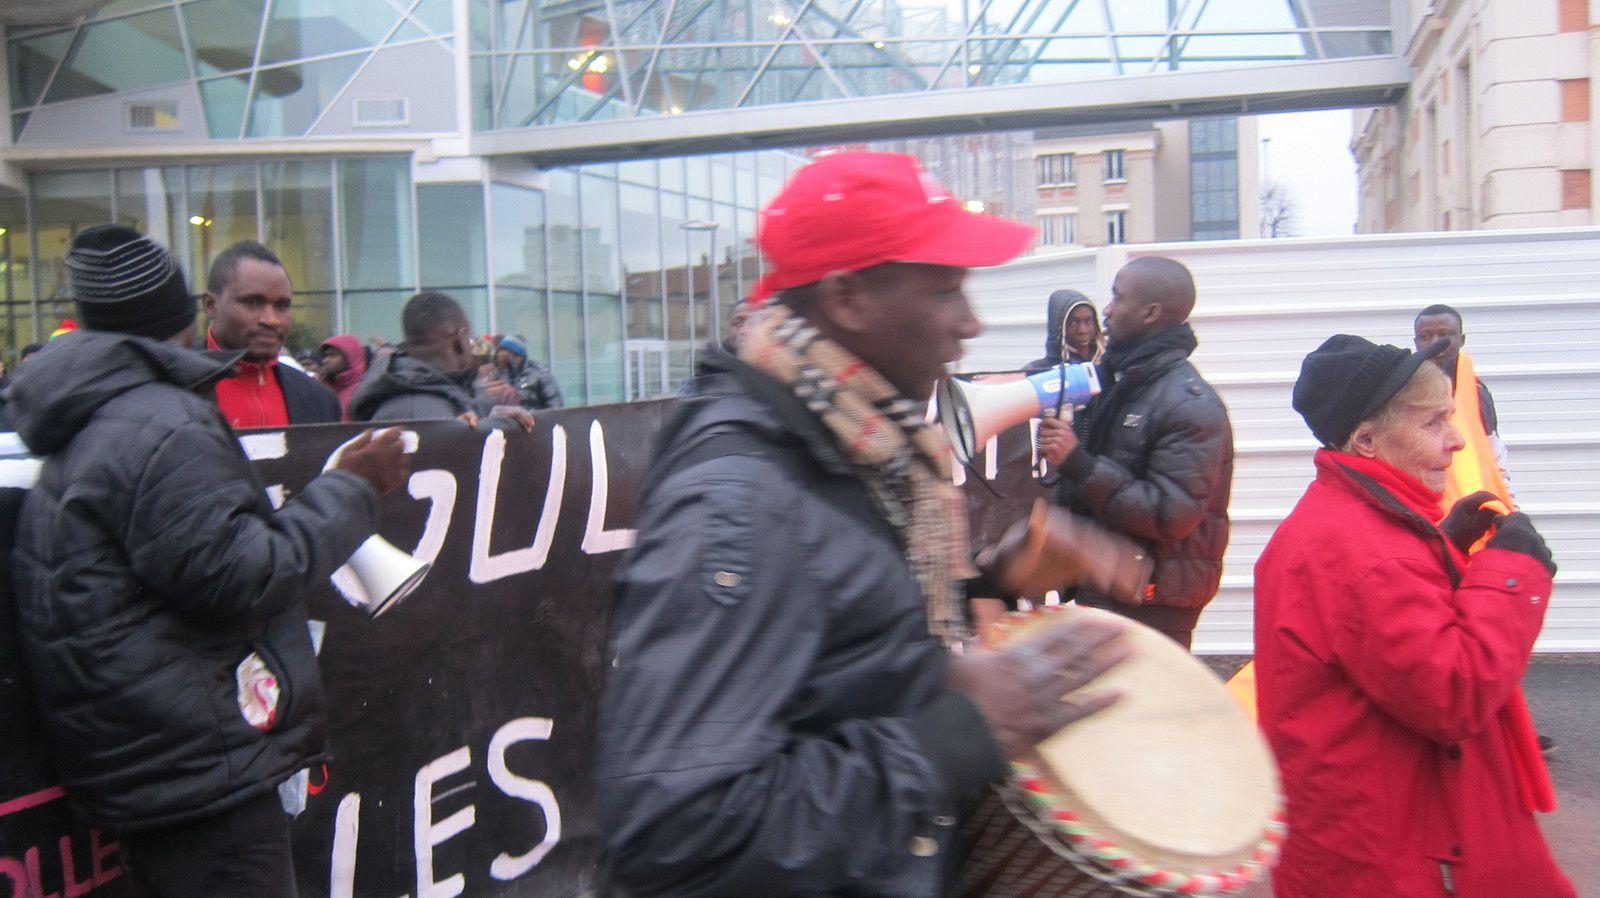 Le TGI de Bobigny refuse l'expulsion de Rroms un autre les vire avec d'autres